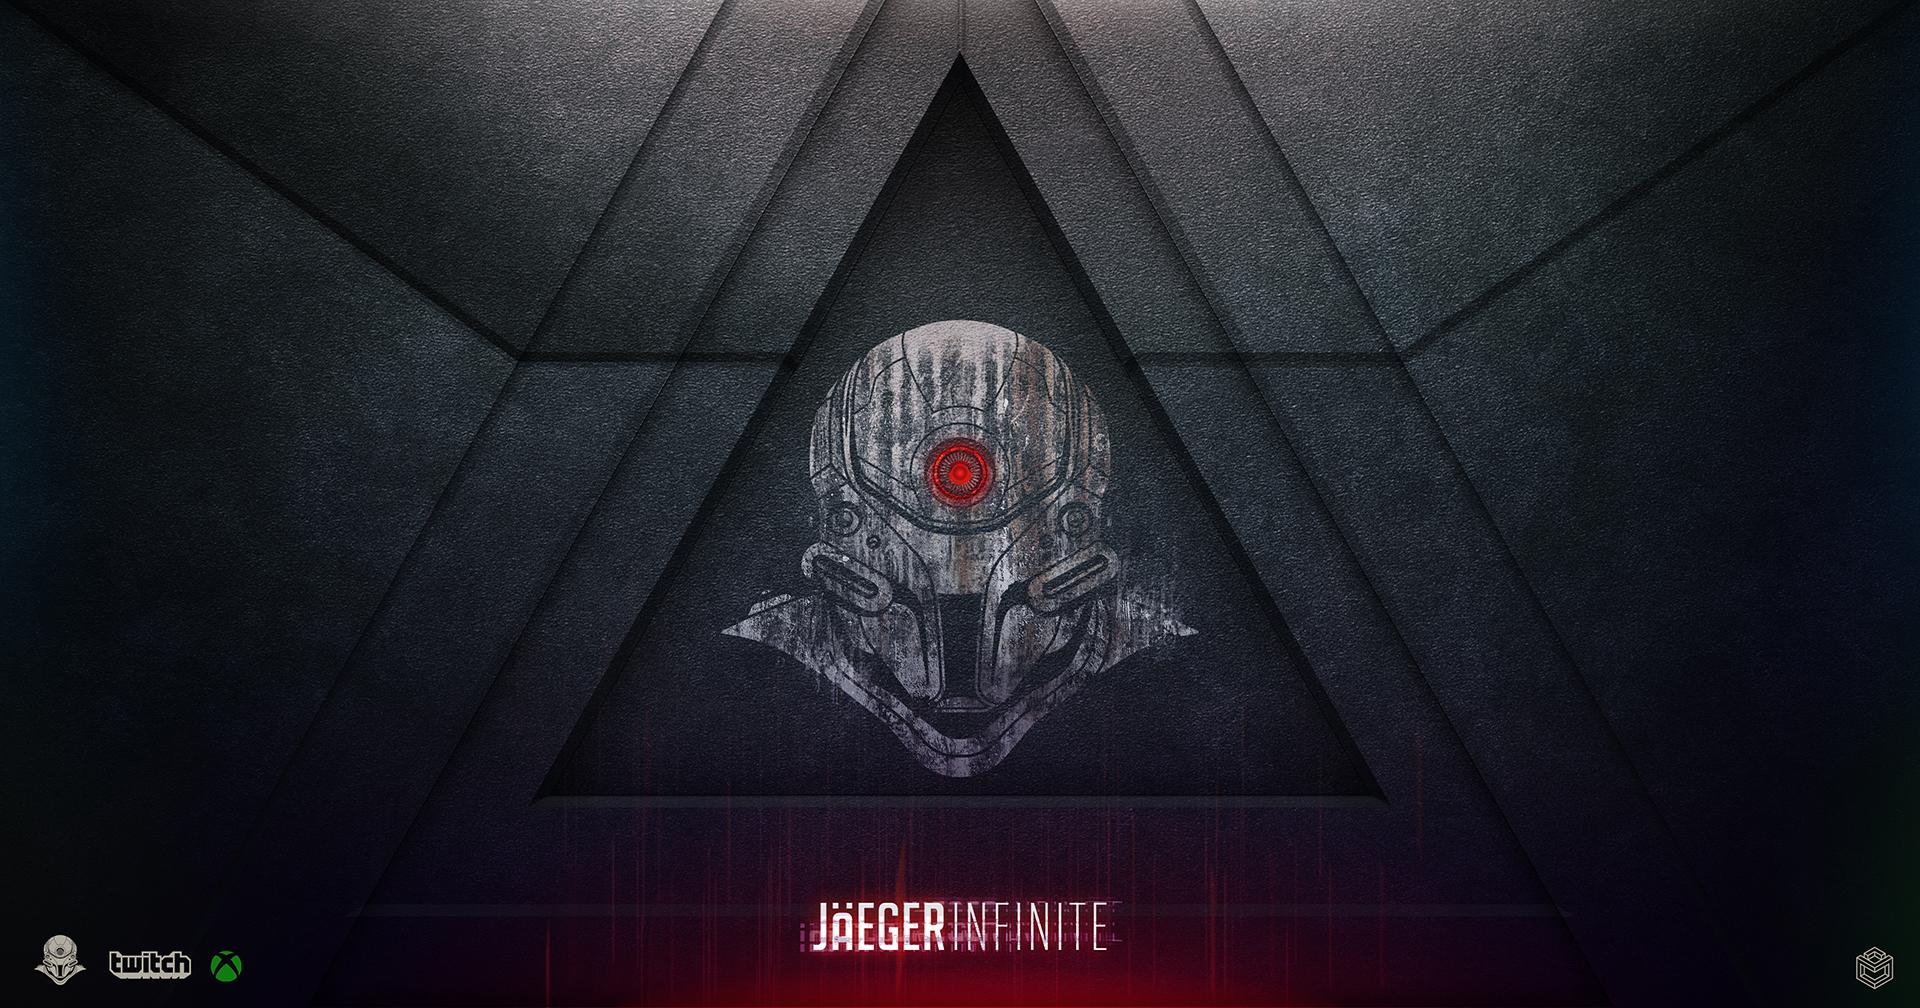 Jaeger infintie logo only_5555